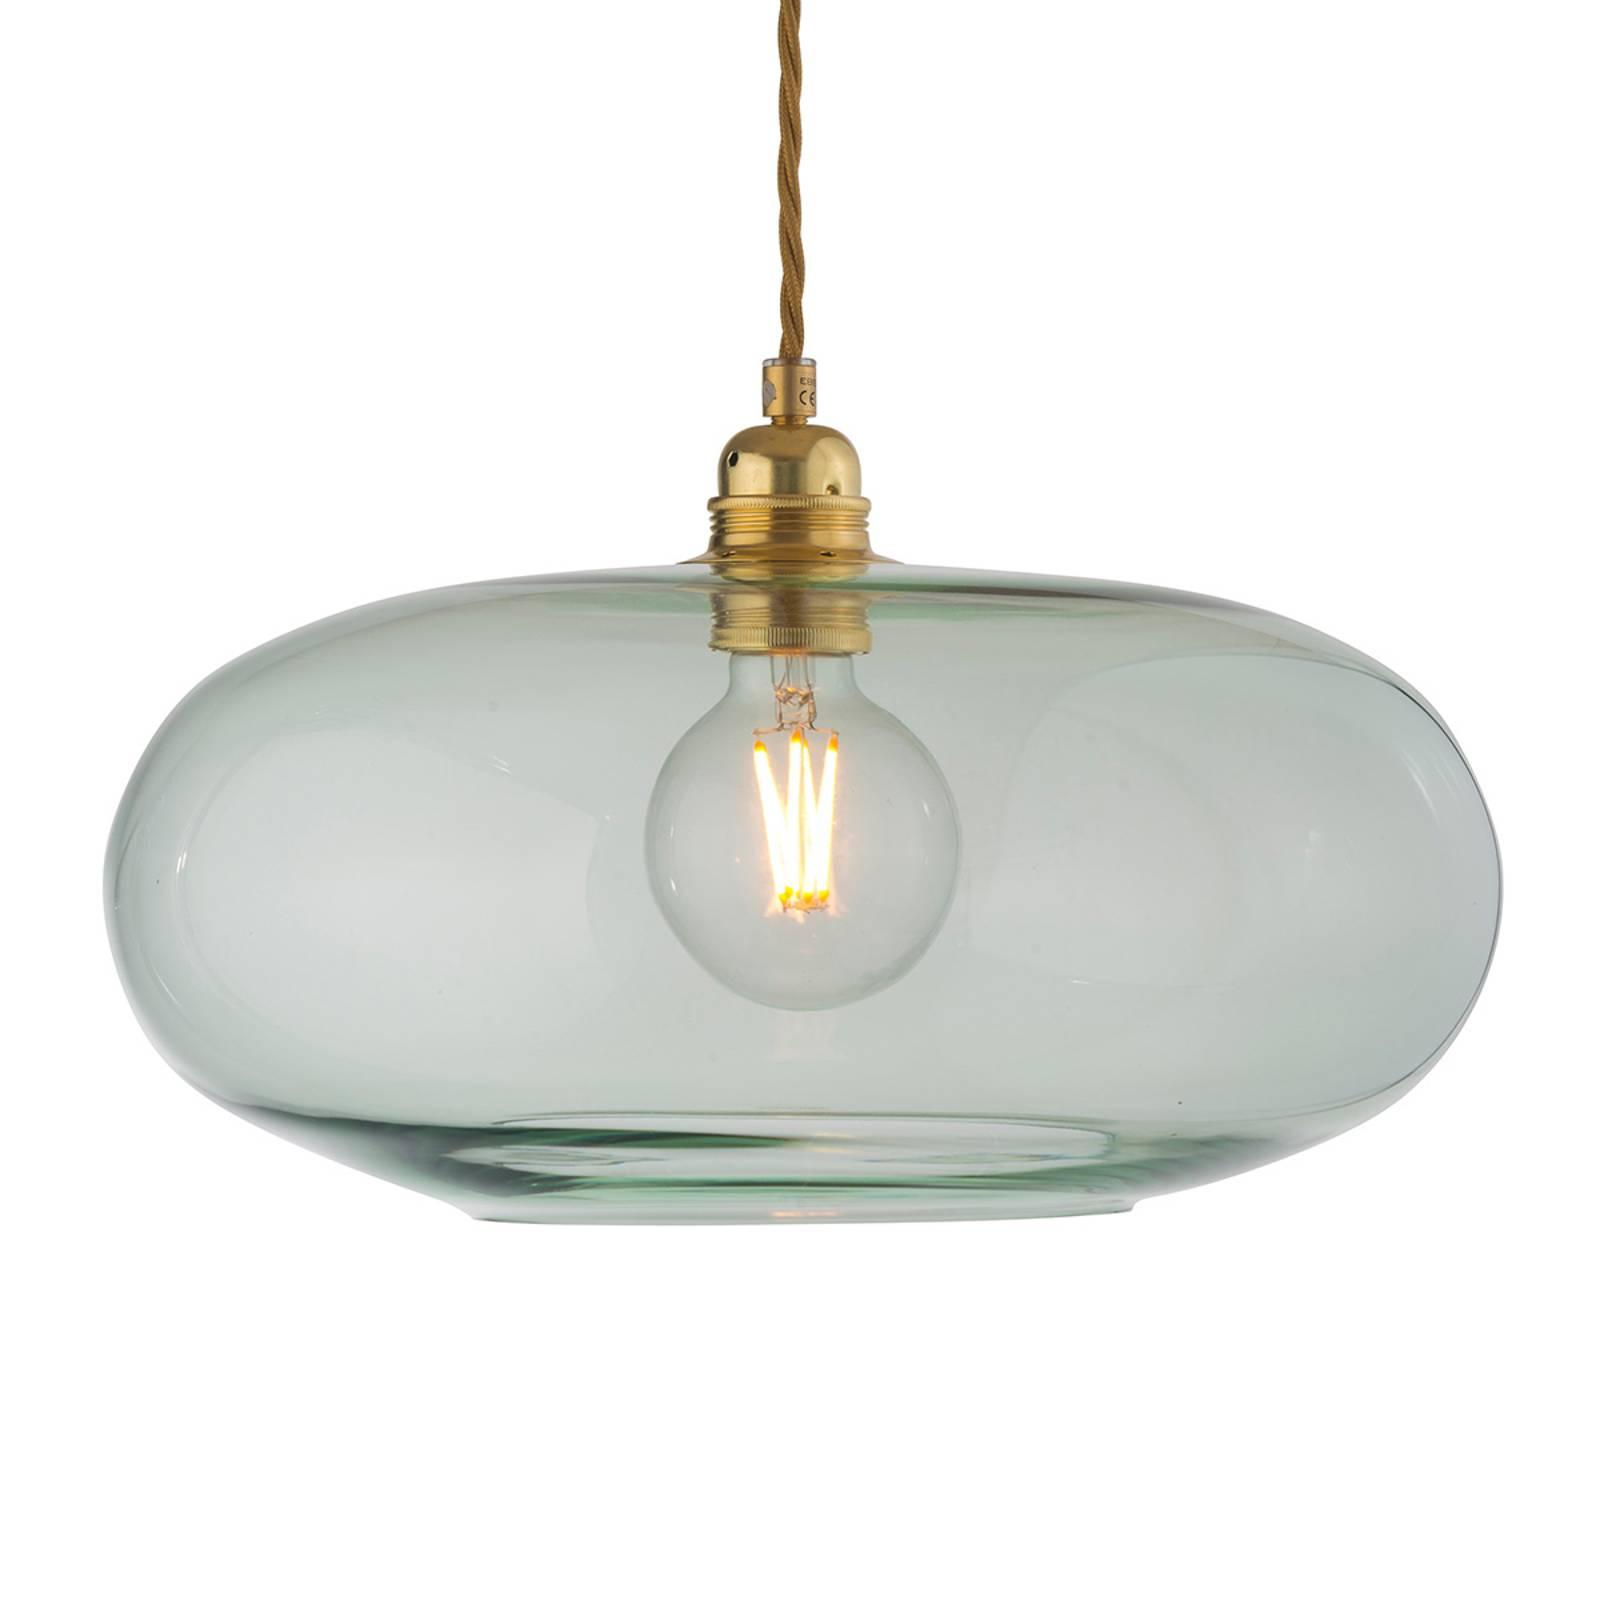 h ngelampen von ebb flow und andere lampen f r wohnzimmer online kaufen bei m bel garten. Black Bedroom Furniture Sets. Home Design Ideas